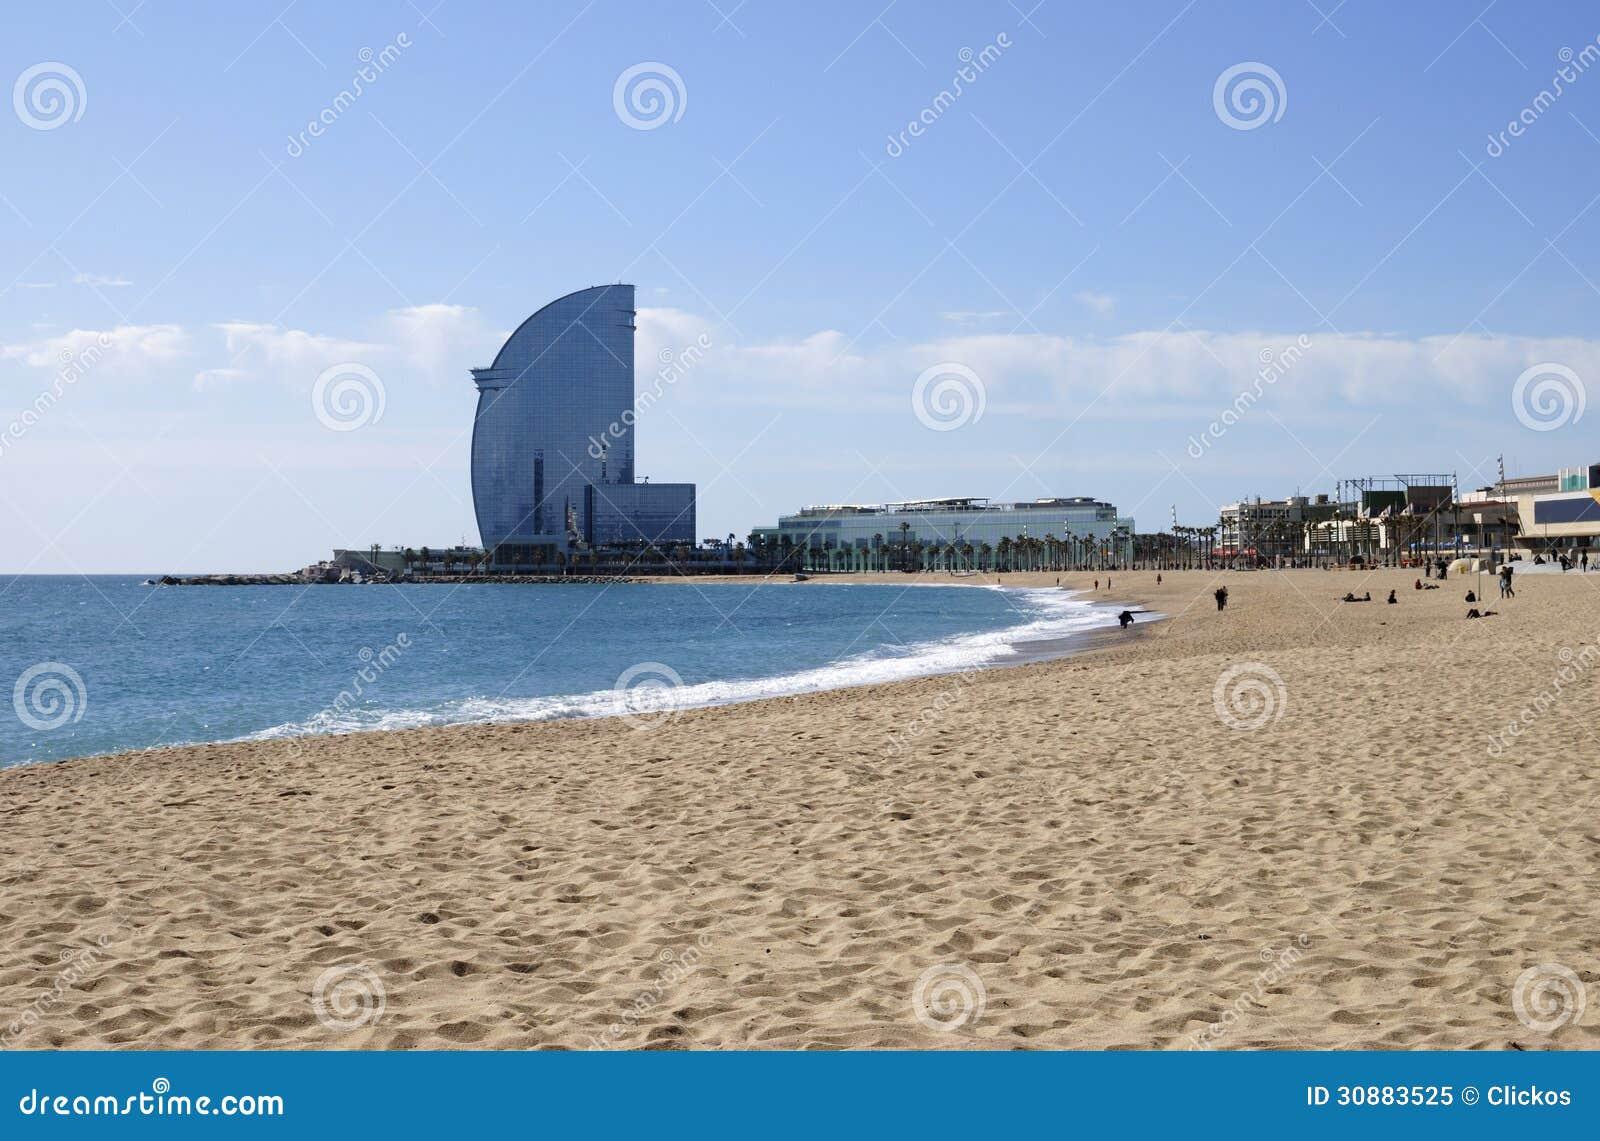 Пляж на Барселоне. Испания